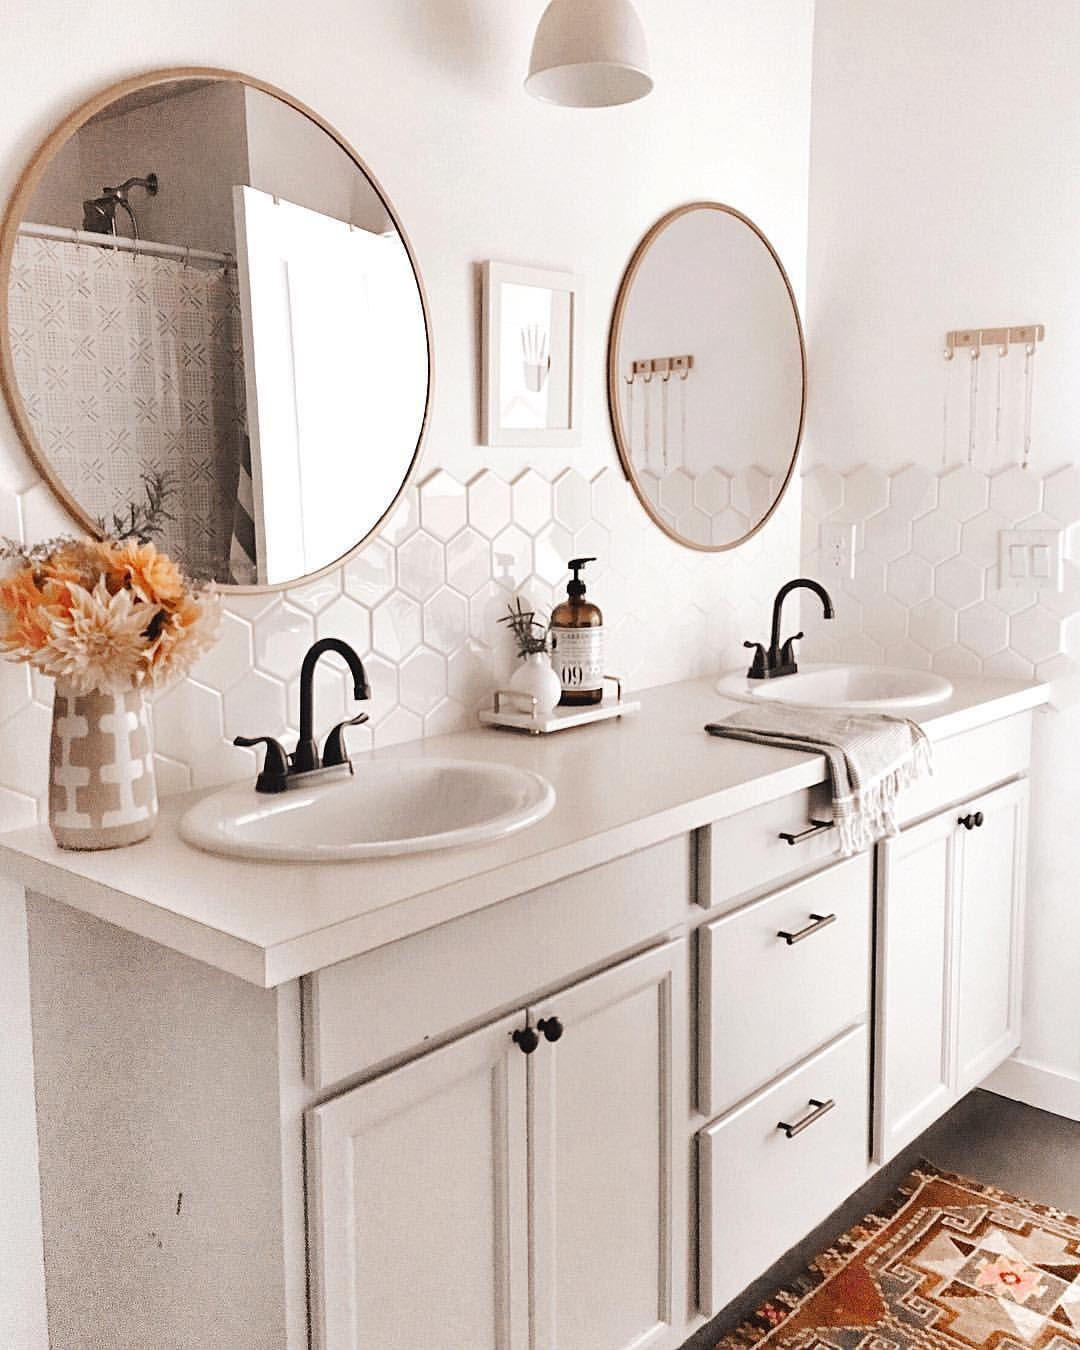 Mirror Over Tile Painted Vanity Bathroom Painting Bathroom Cabinets Bathroom Cabinet Colors [ 1350 x 1080 Pixel ]